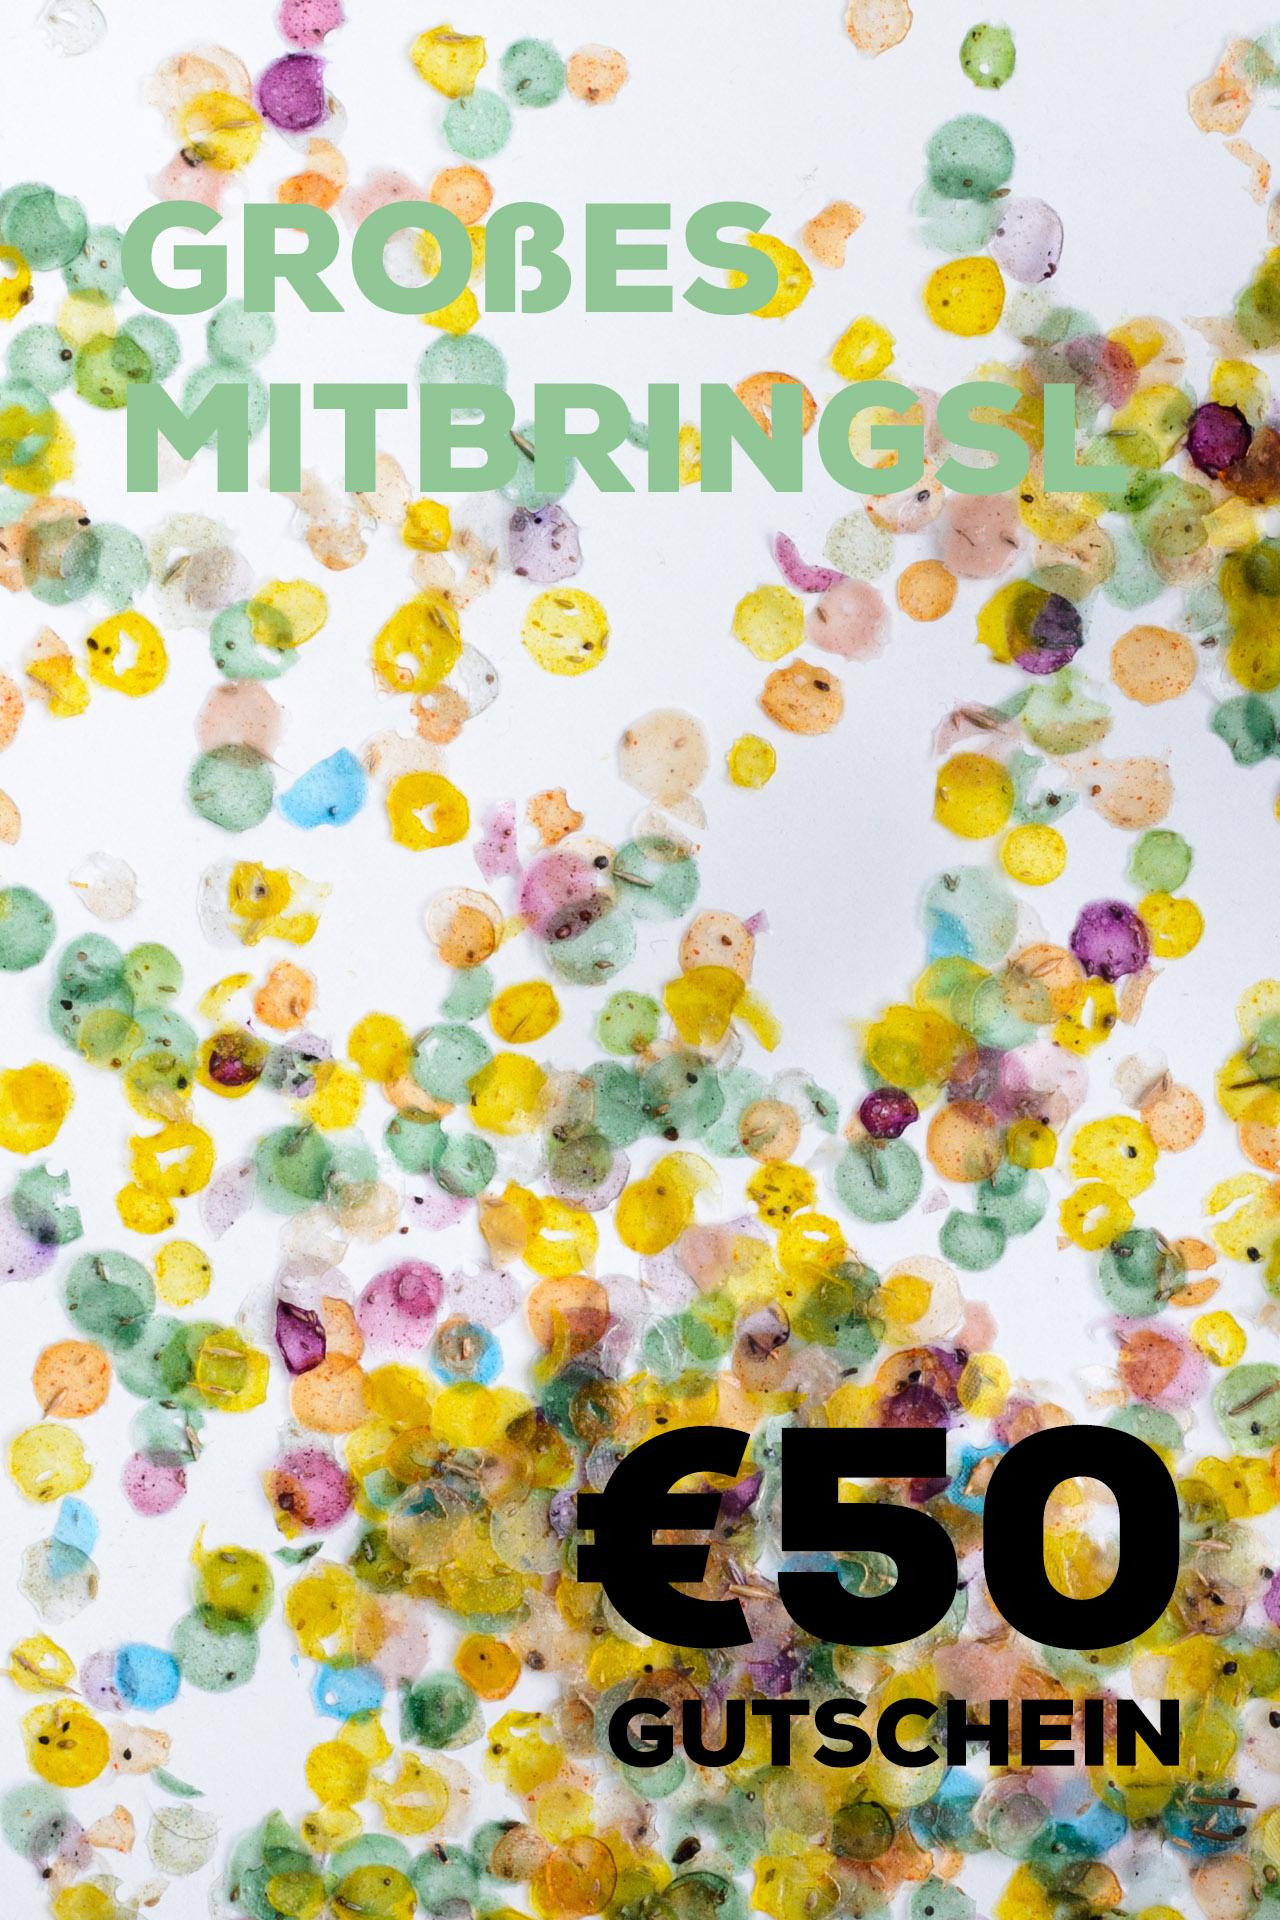 Bringsl Gutschein über 50€